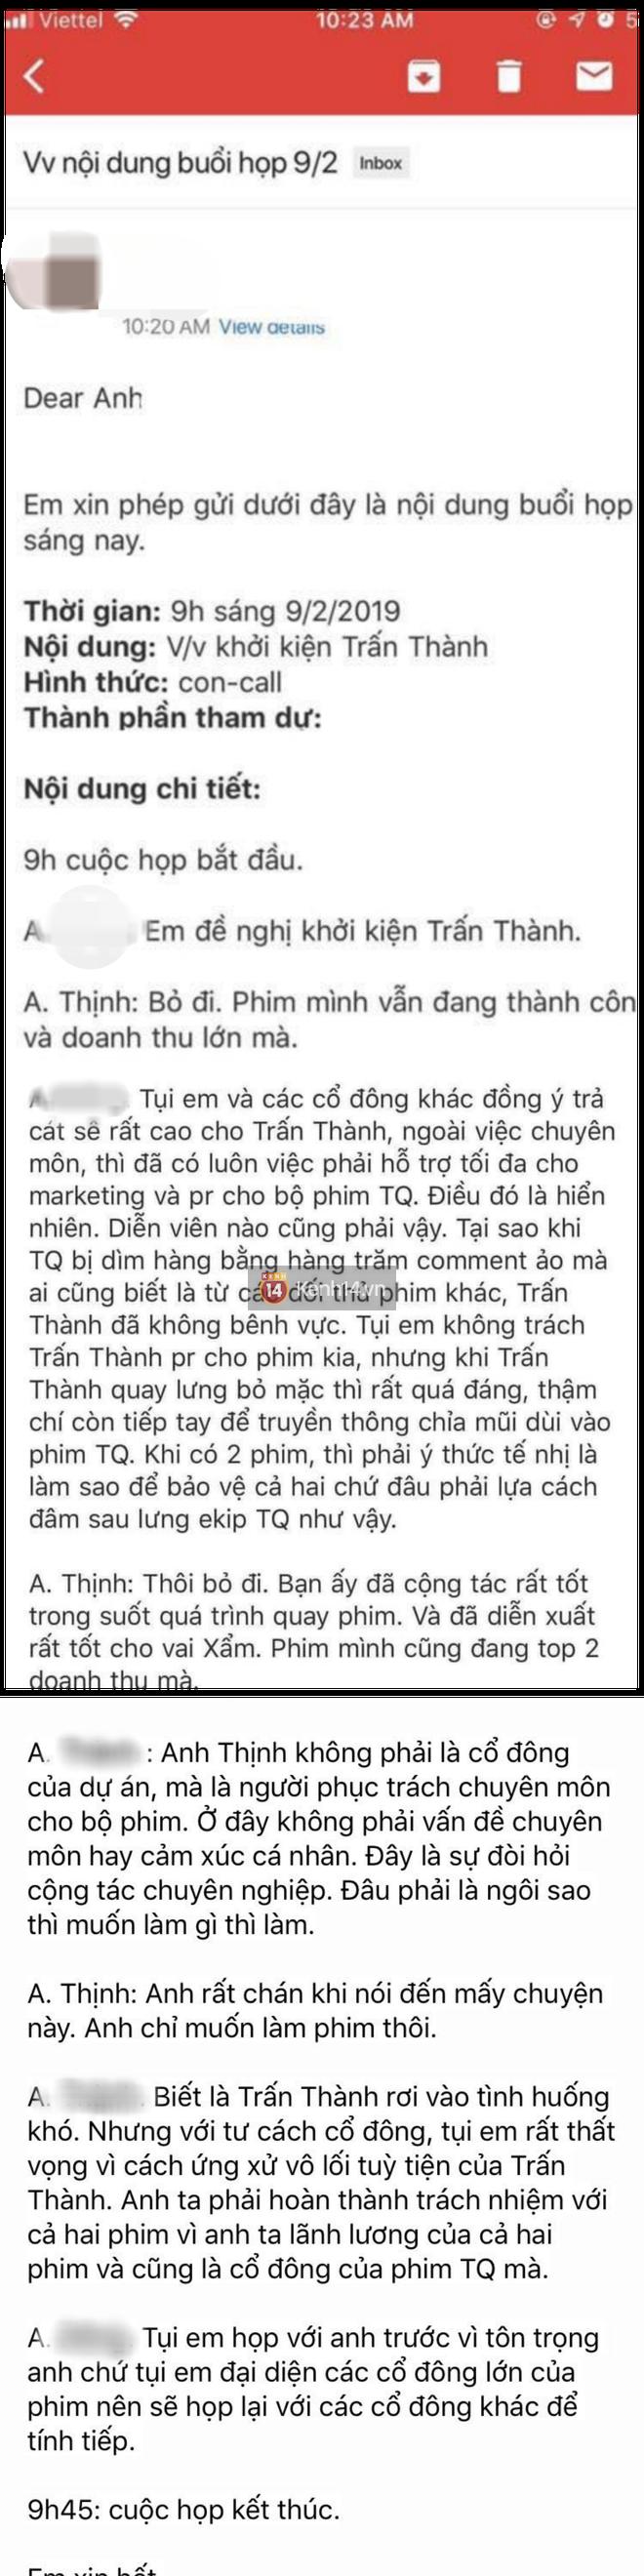 Rộ tin các cổ đông Trạng Quỳnh quyết khởi kiện Trấn Thành dù đạo diễn Đức Thịnh can ngăn-2